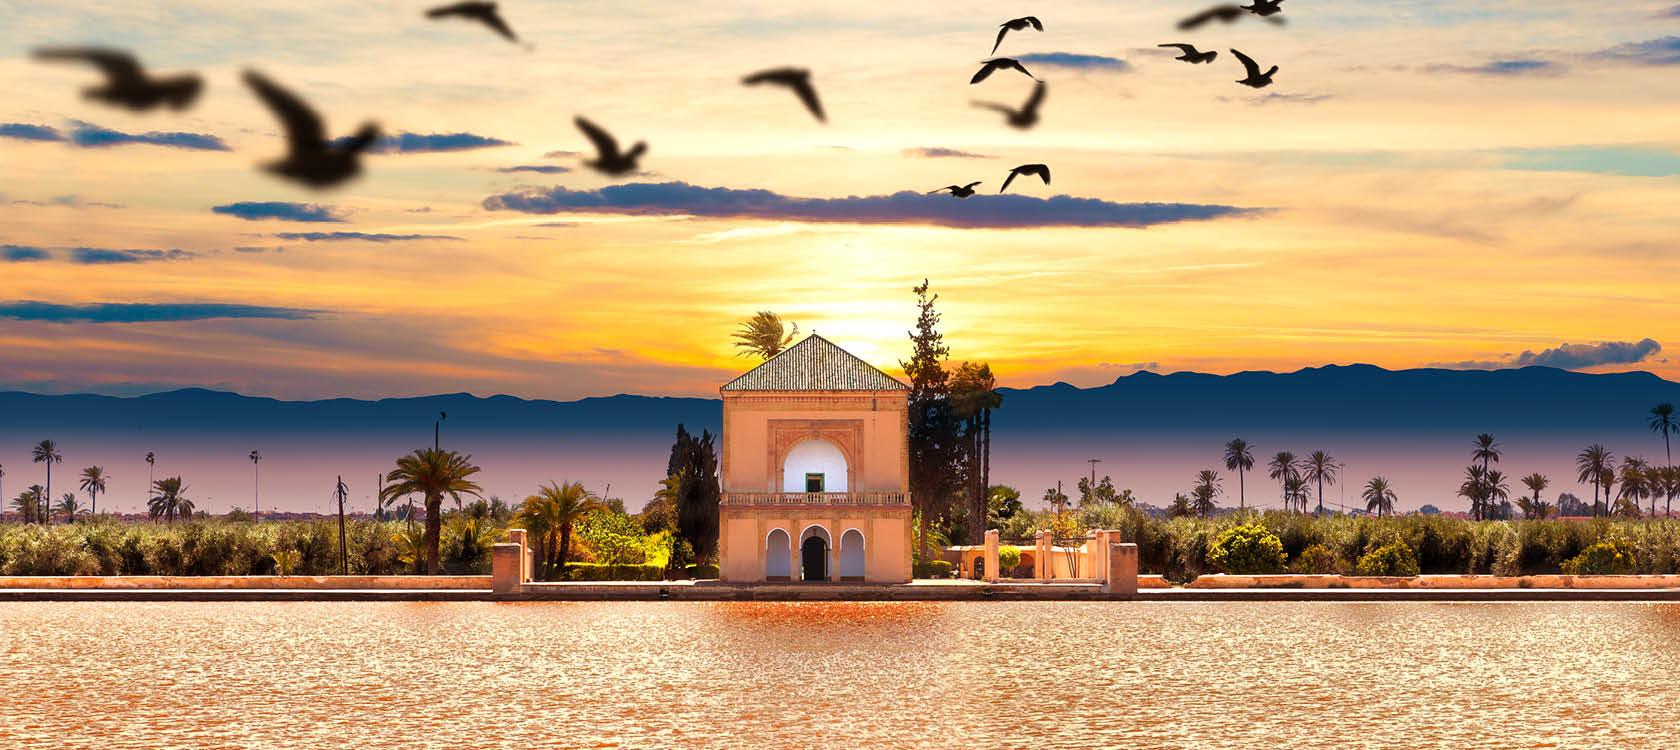 Skymning i Marocko.